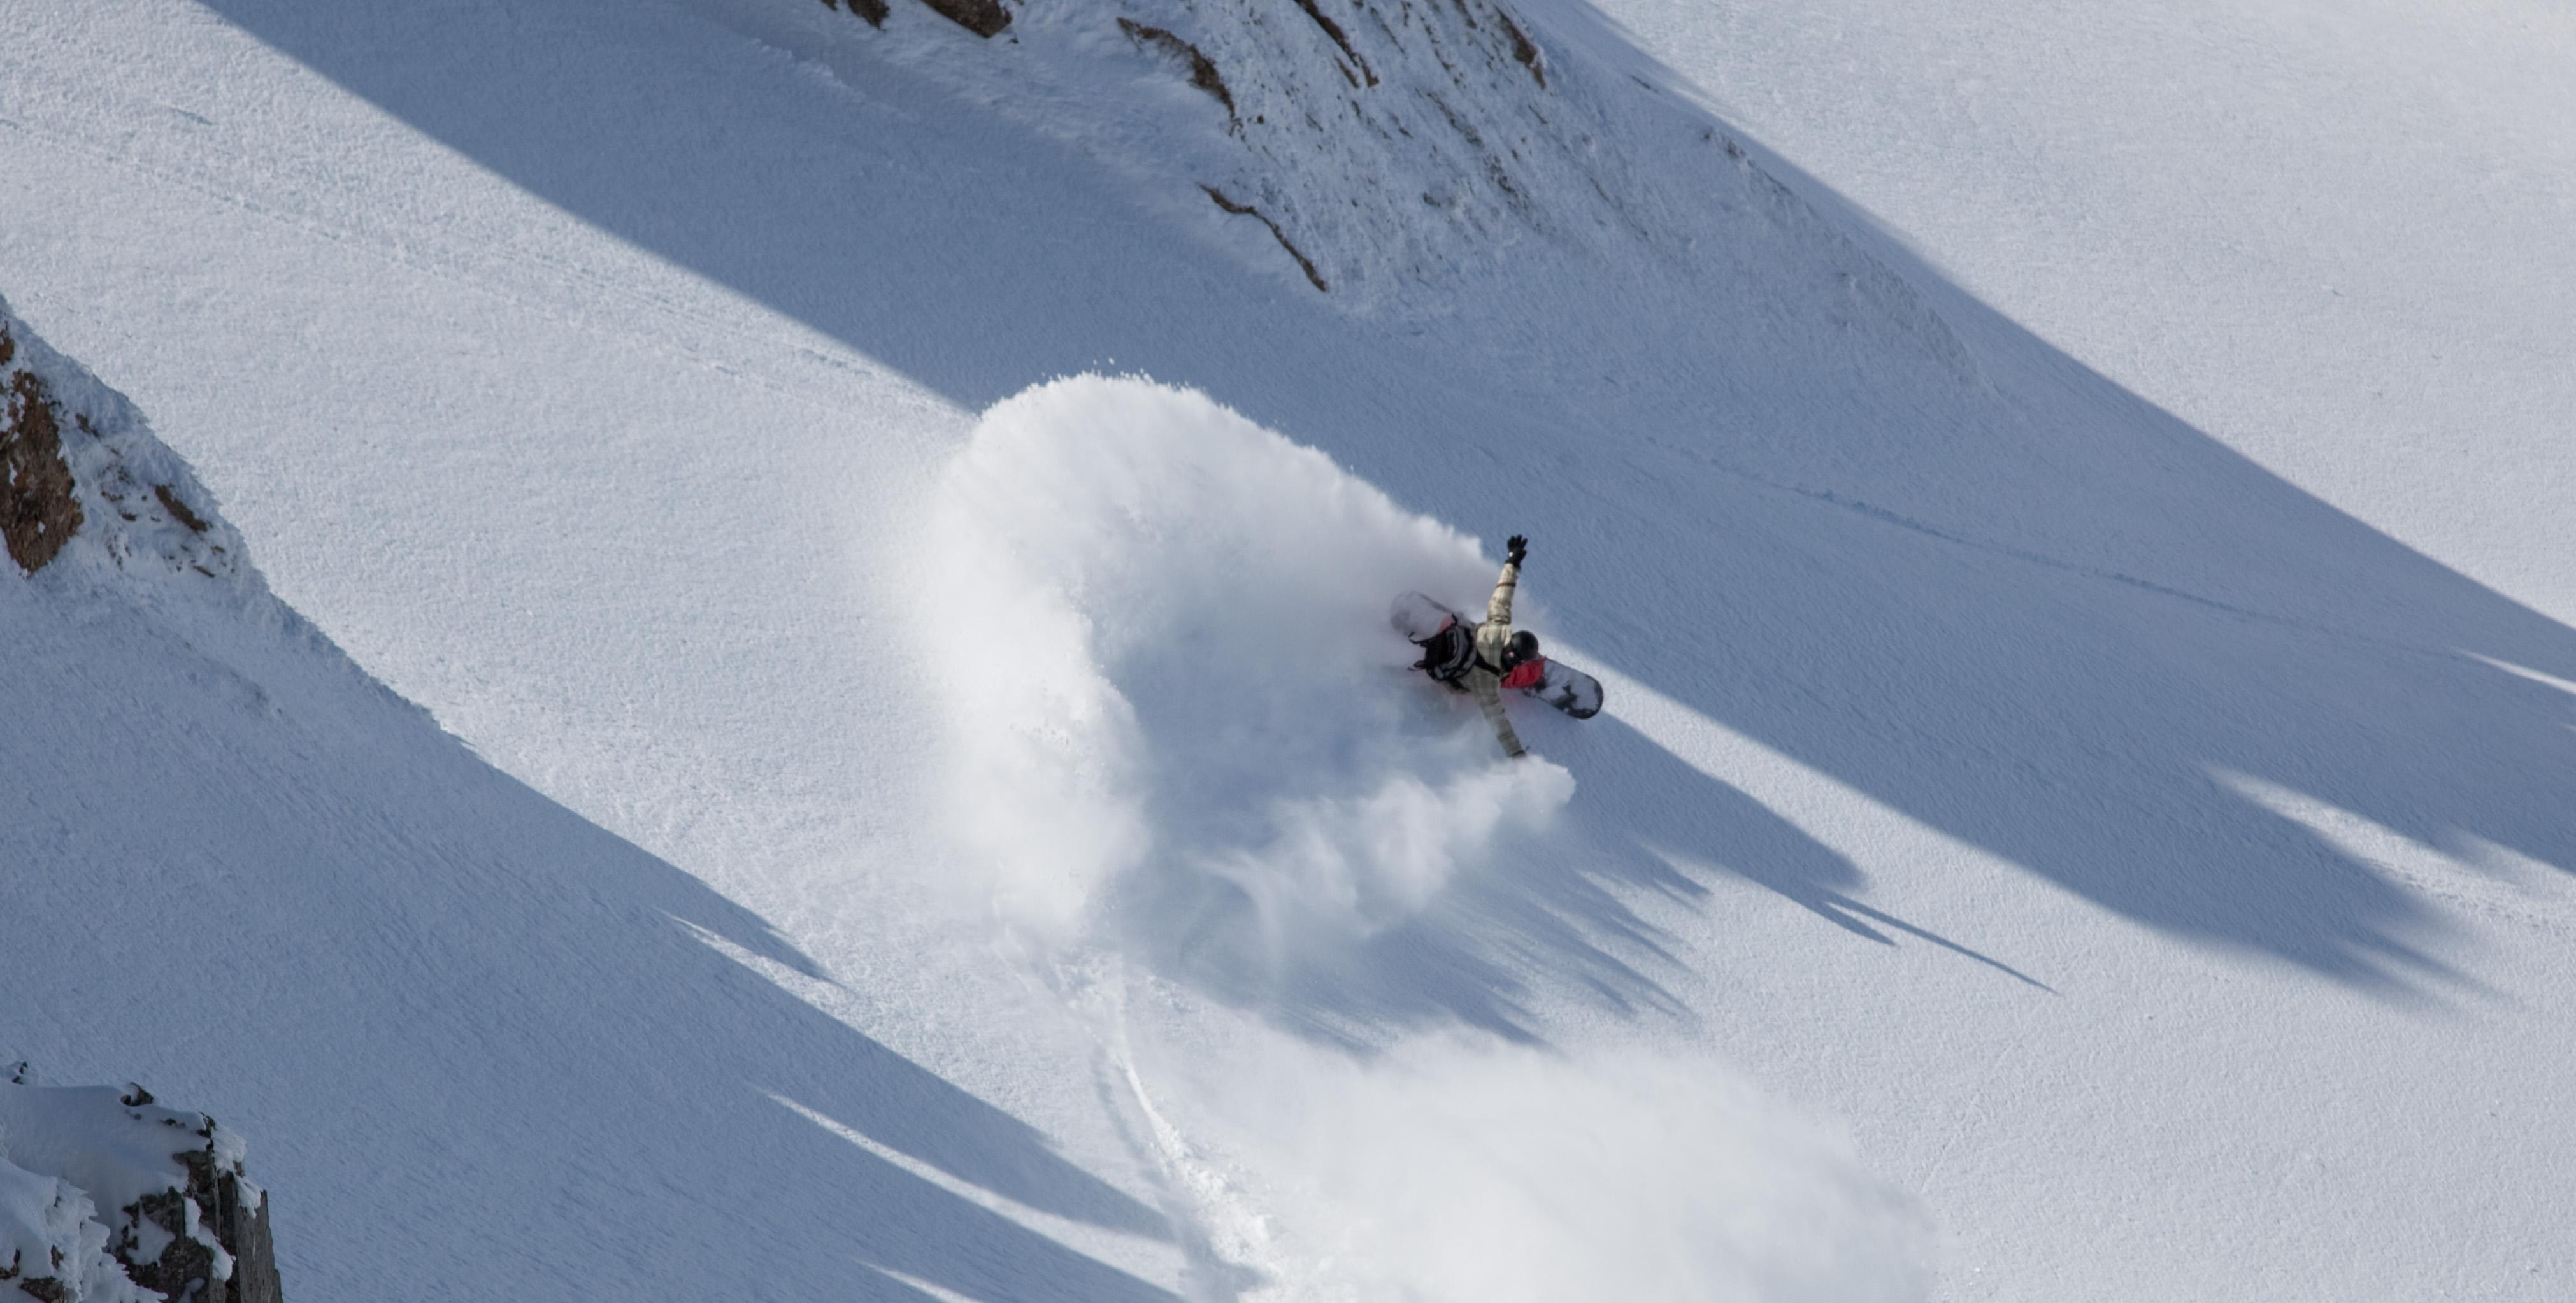 Candanchu Powder Snow